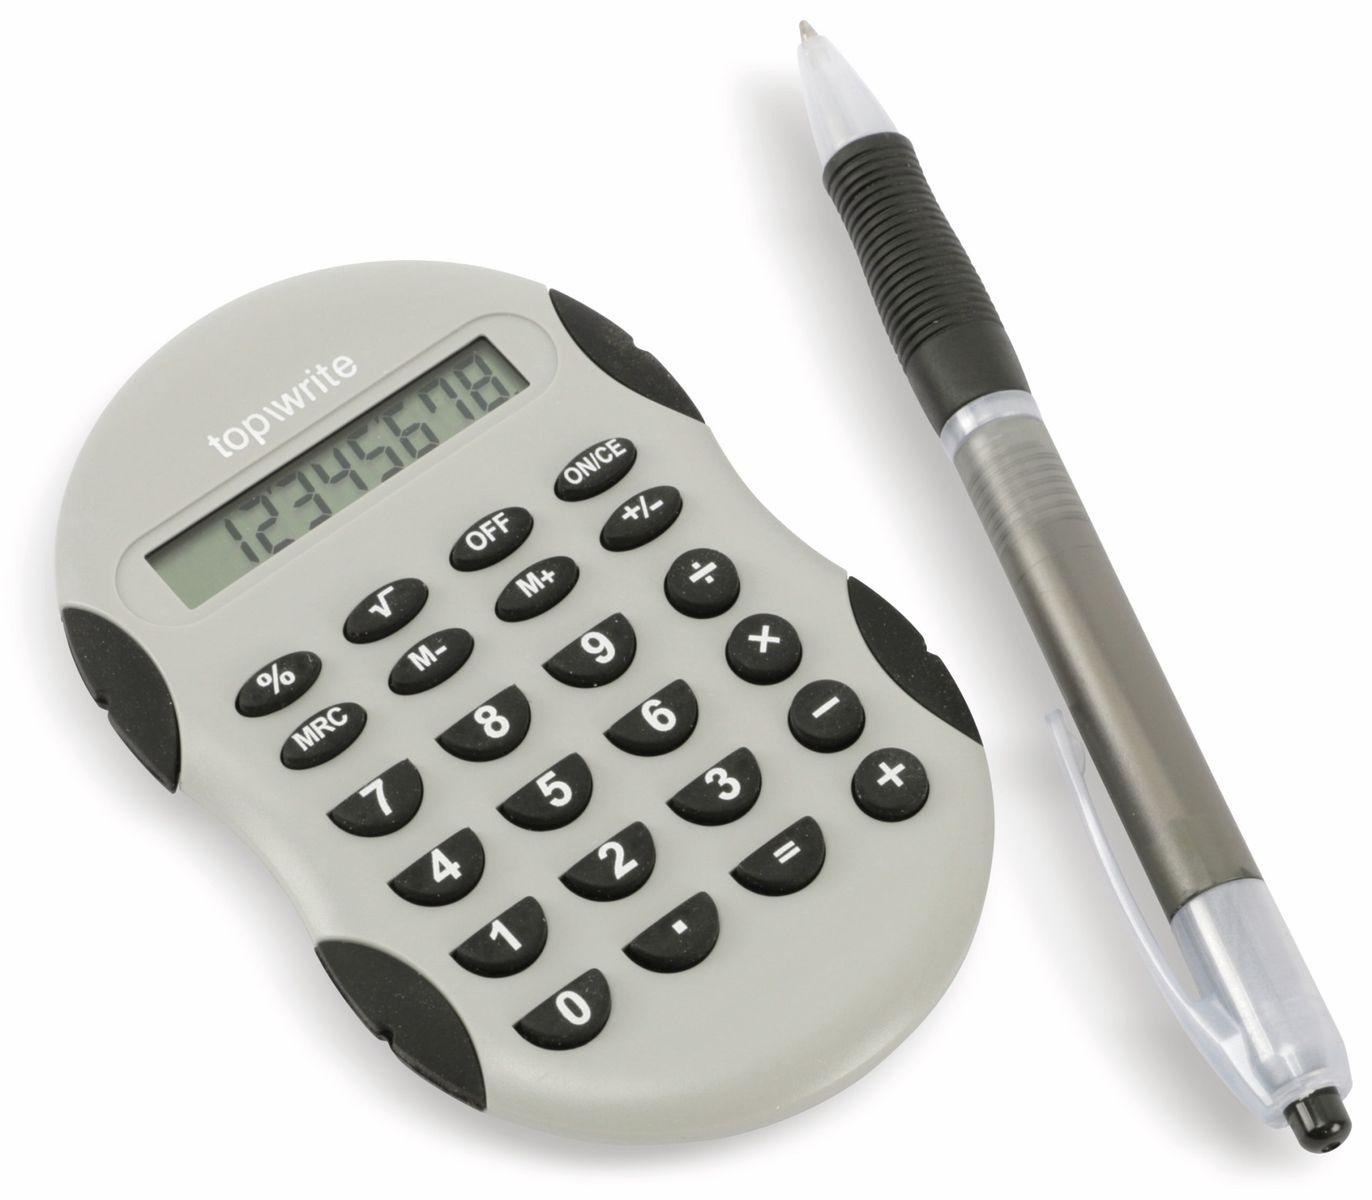 taschenrechner mit kugelschreiber online kaufen. Black Bedroom Furniture Sets. Home Design Ideas